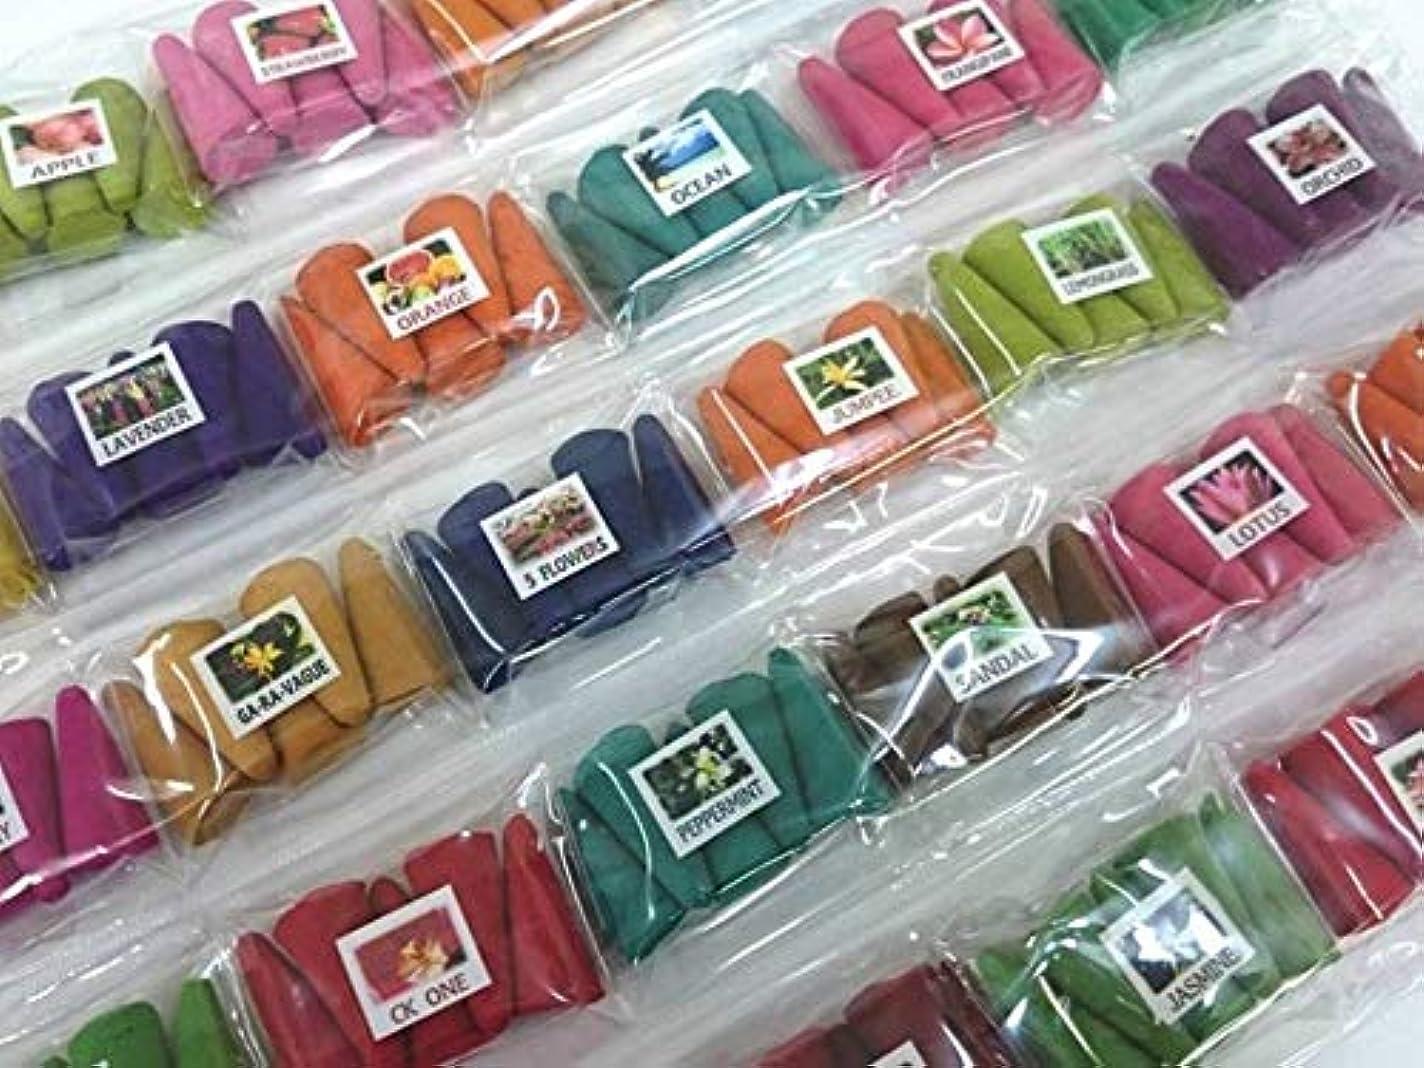 ワードローブ滞在クレデンシャルTHAI お香コーン 30種類 150個セット(30種類×5個入=150個)